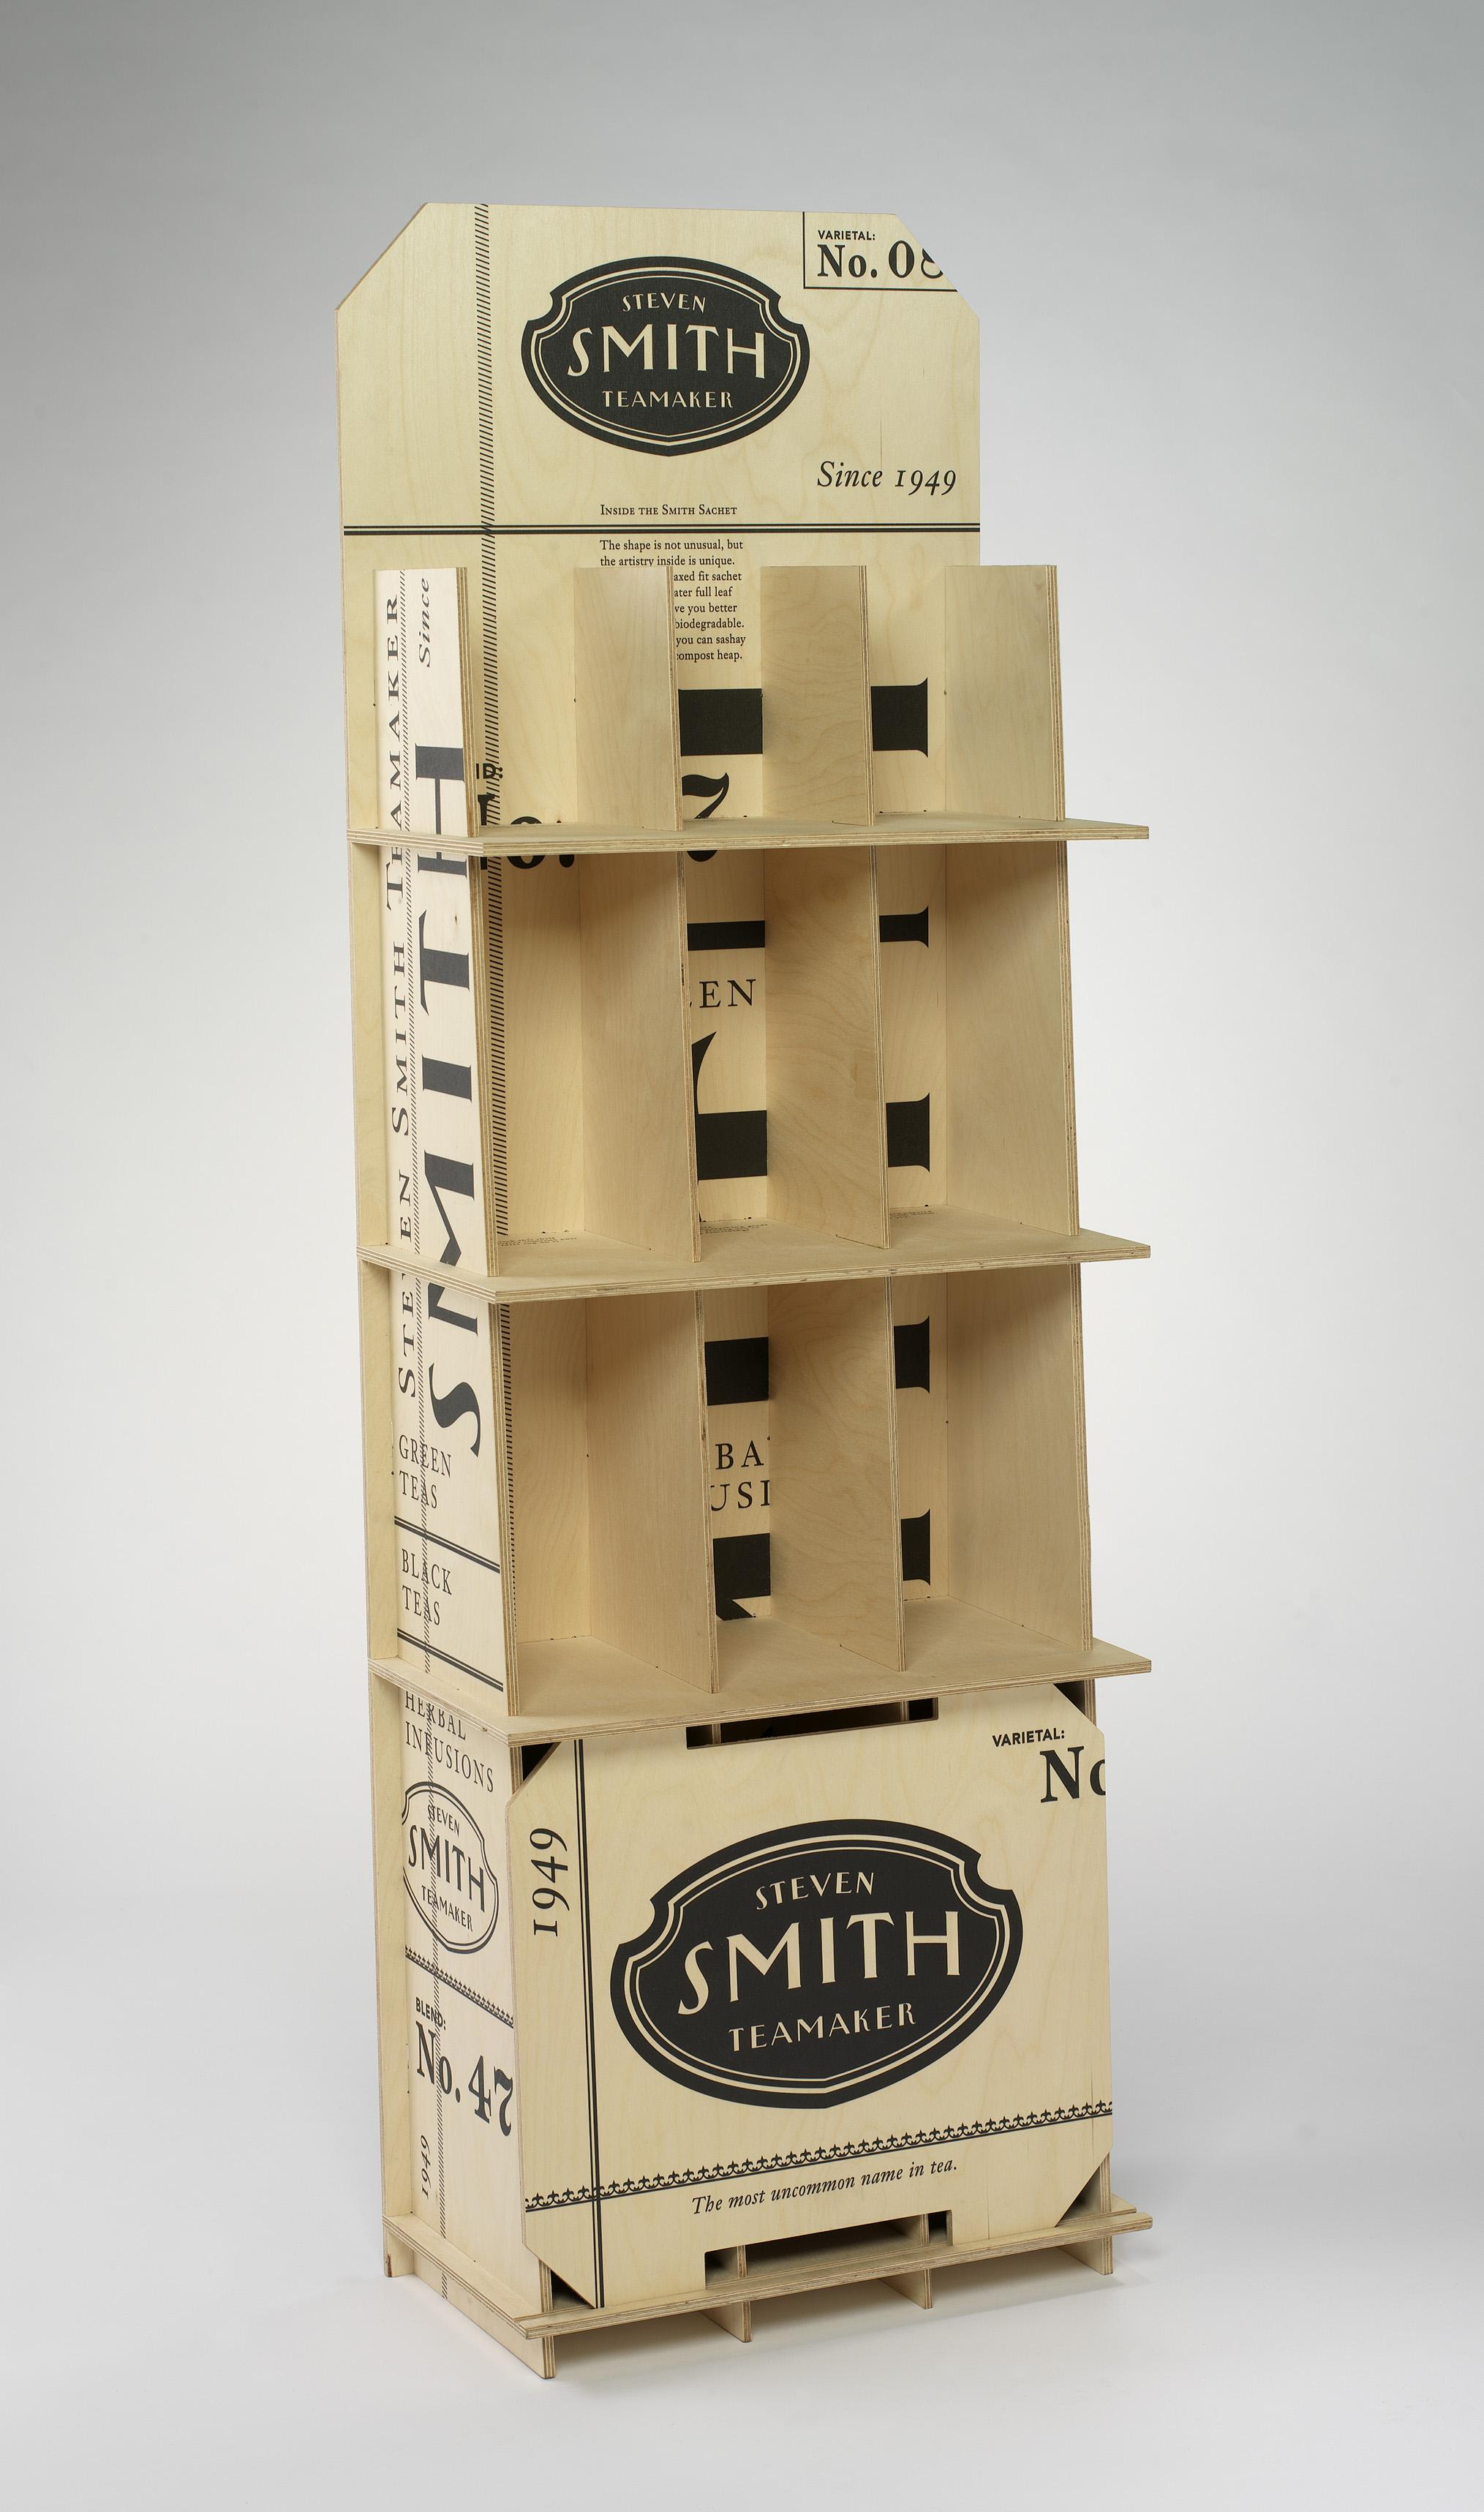 steven smith teamaker wooden floor display graphis